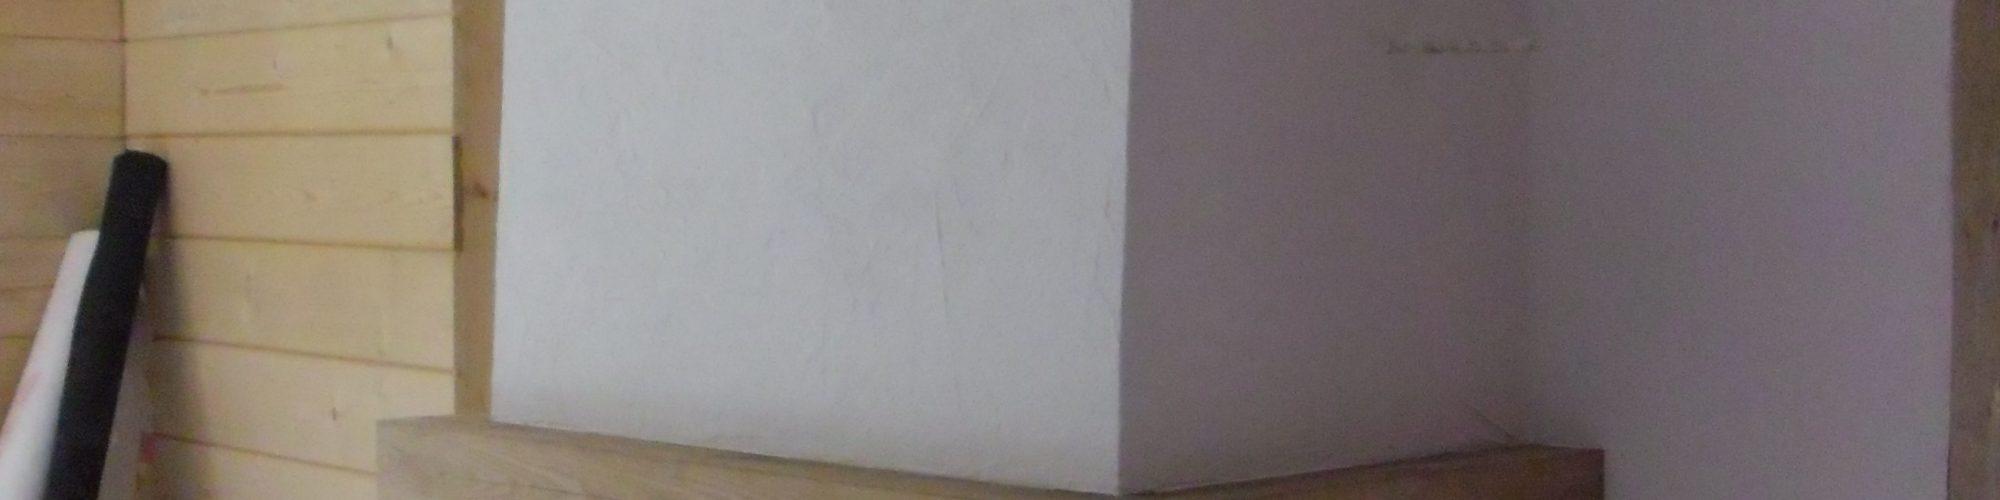 Кассетный камин на основе топки Ferlux